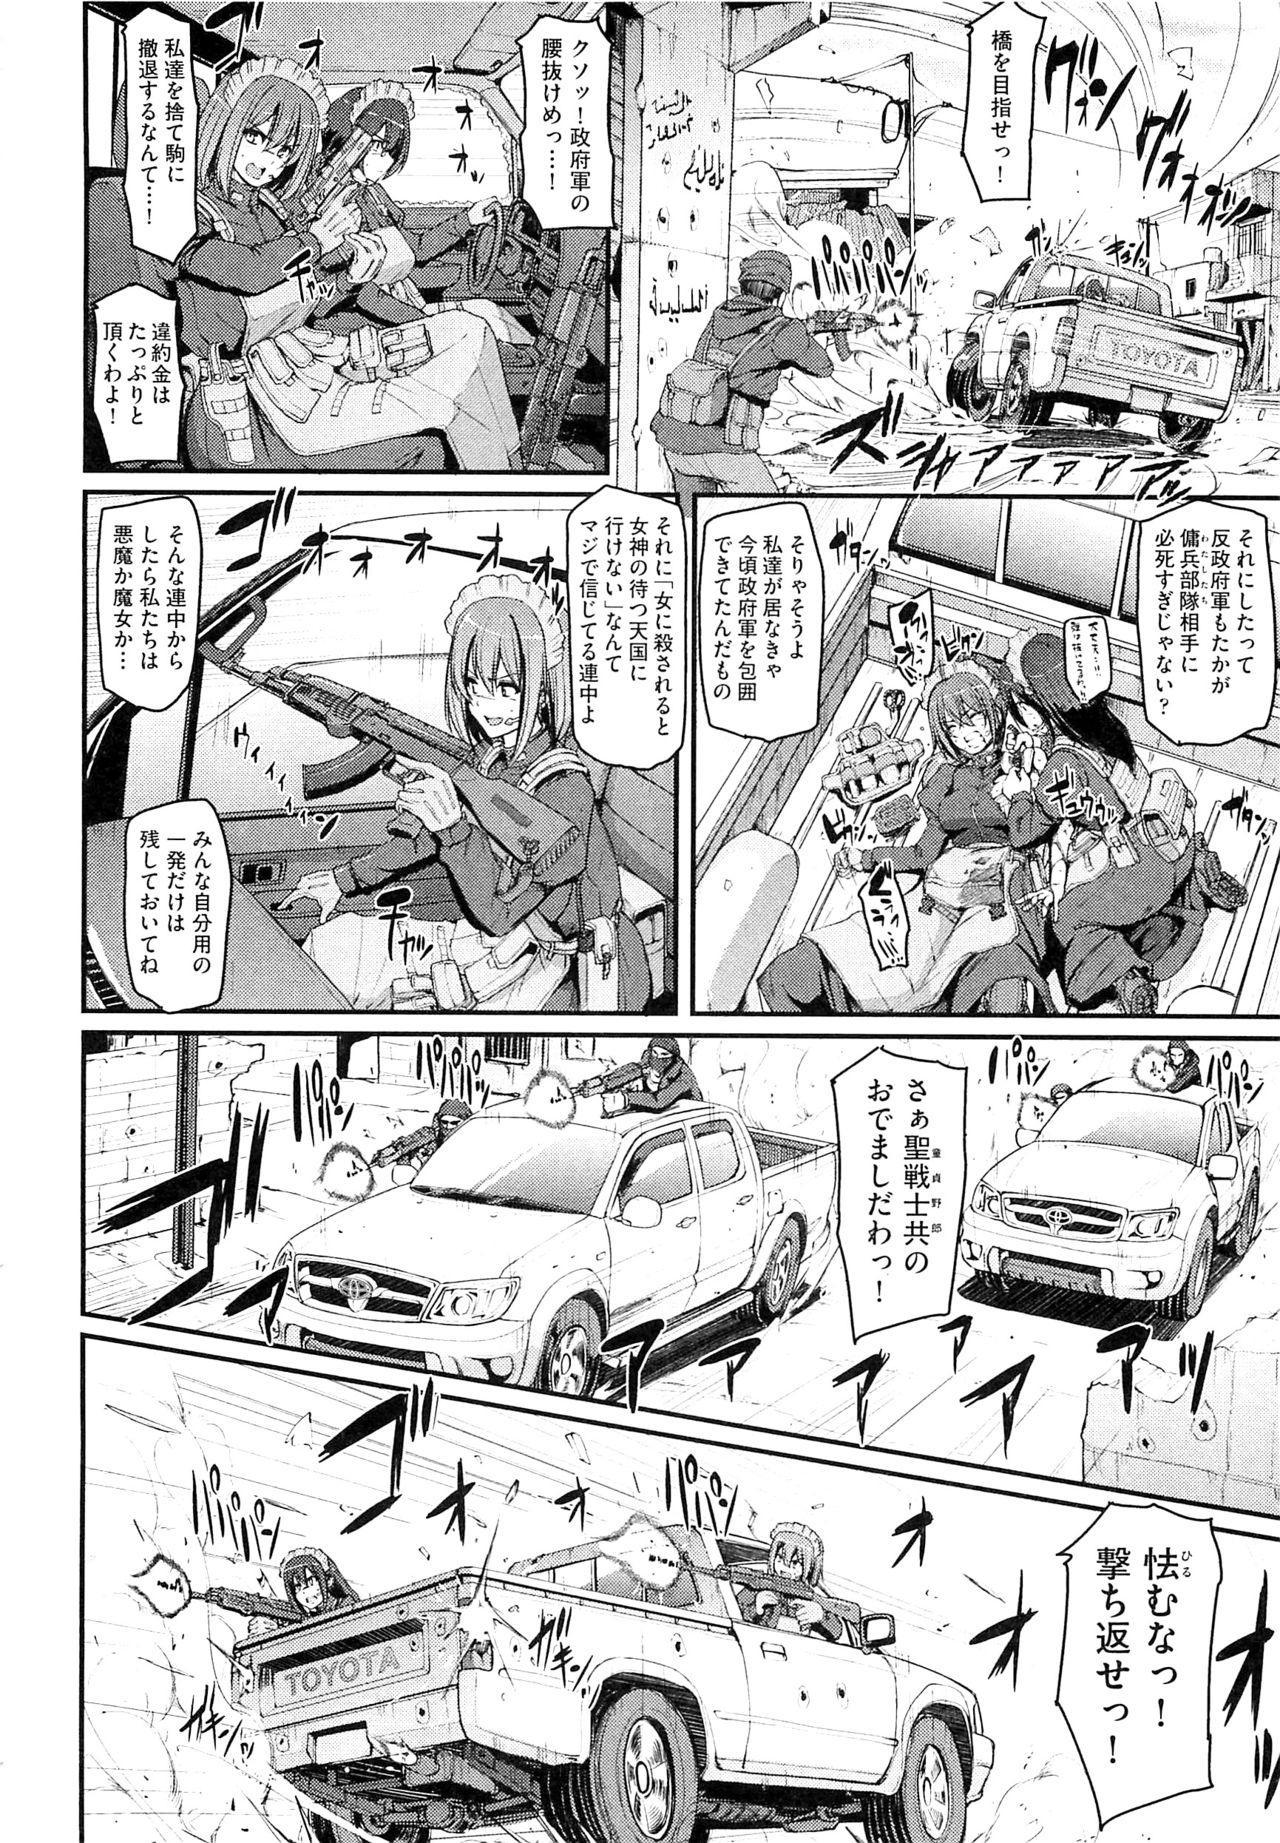 Maid Gakuen e Youkoso!! - Welcome to Maid Academy 199